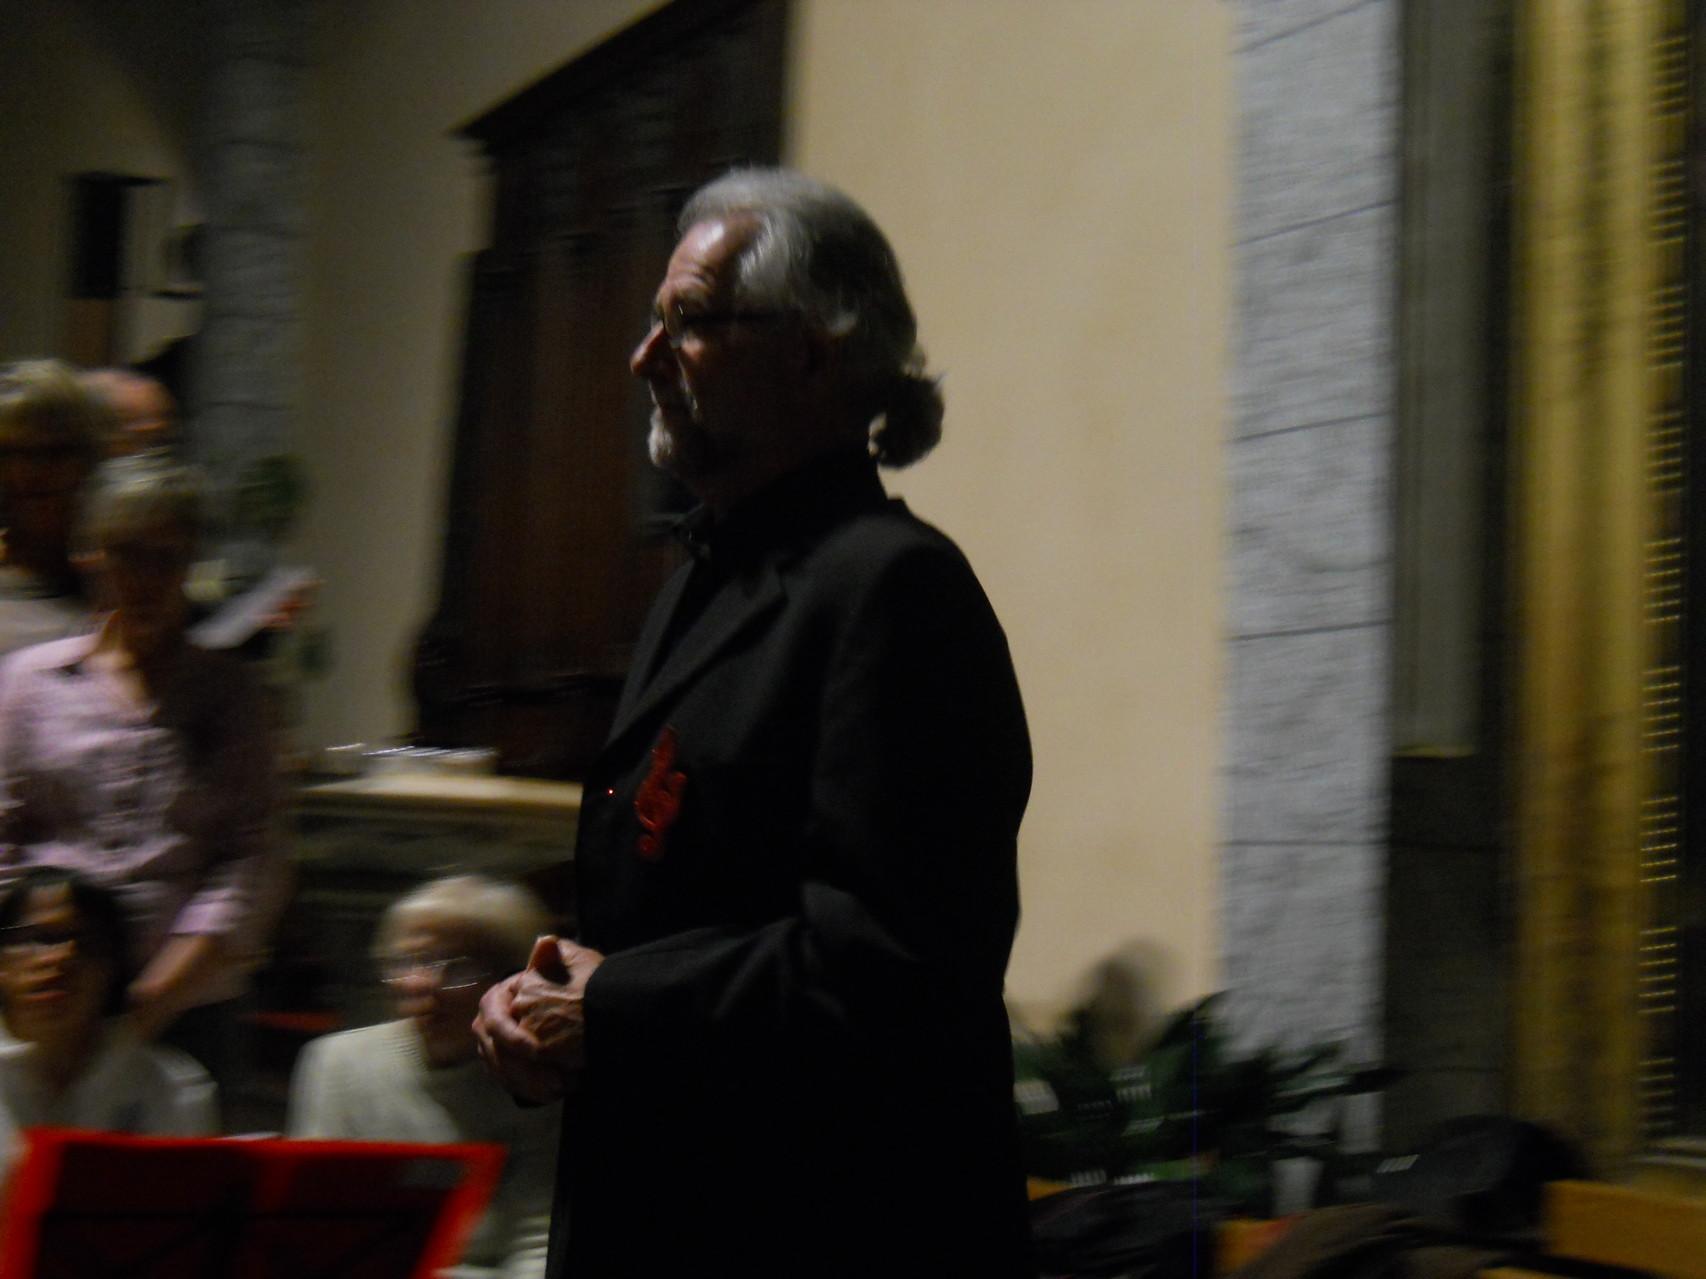 Alain,notre chef de chorale s'avance vers nous pour notre premier chant